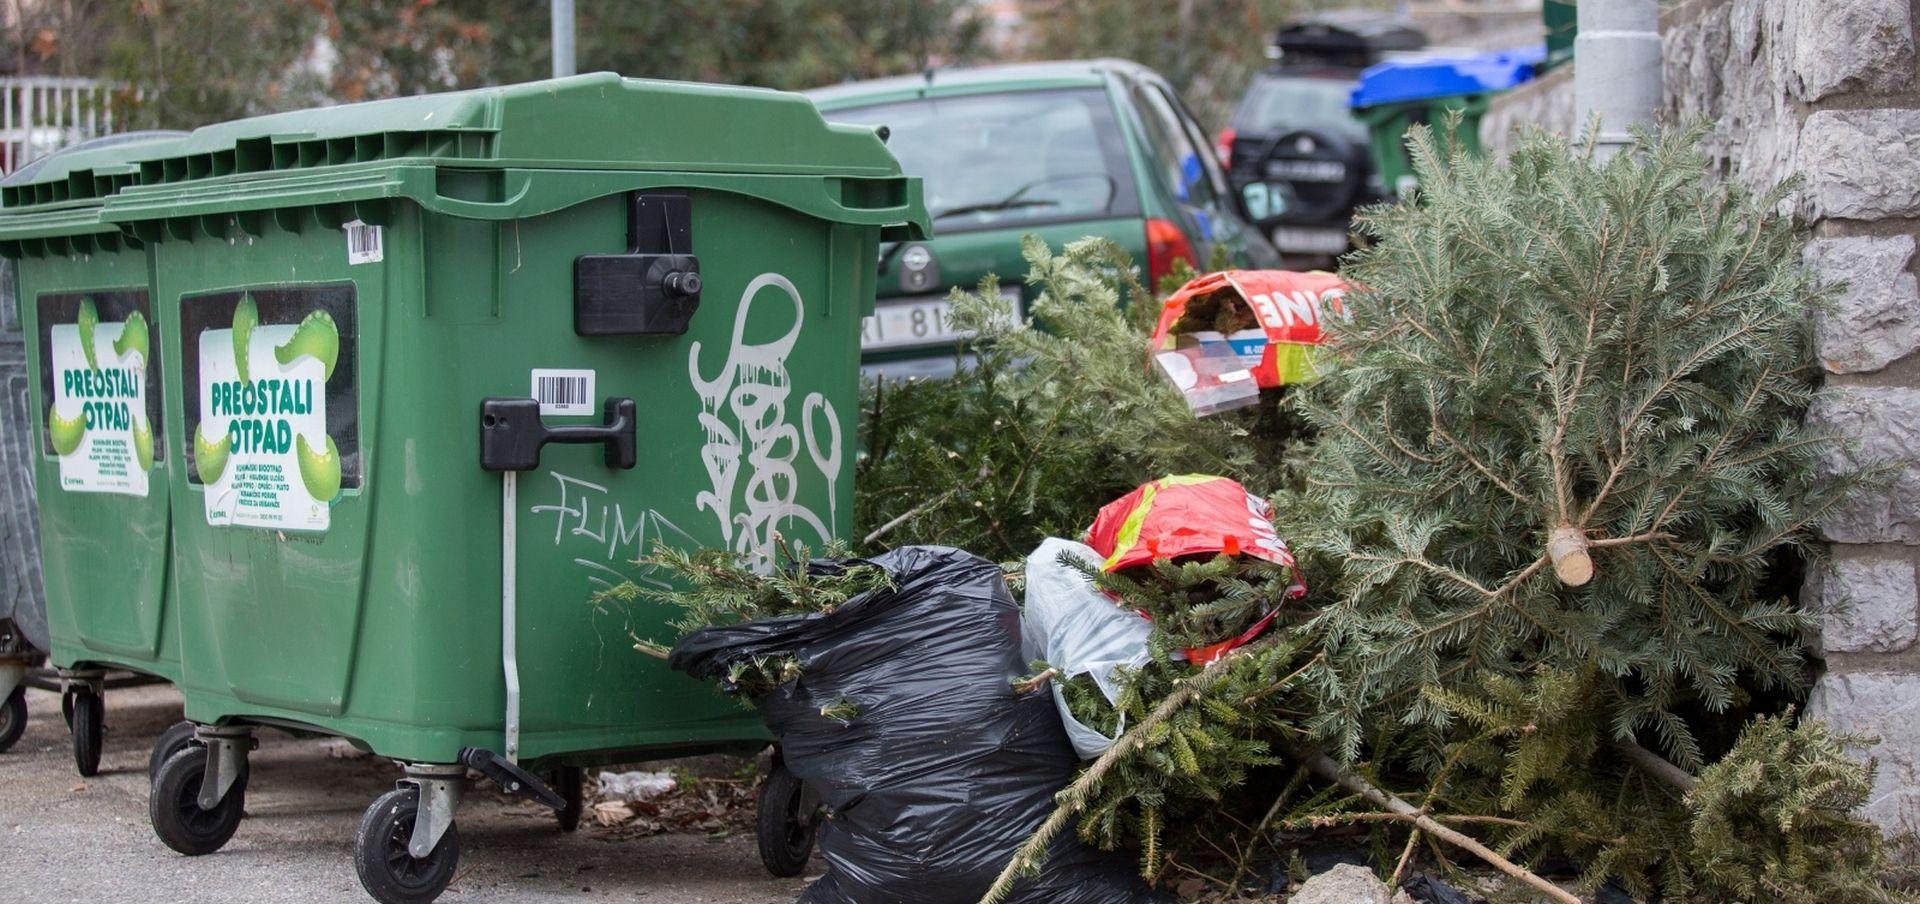 Poskupljuje odvoz smeća u Zagrebu